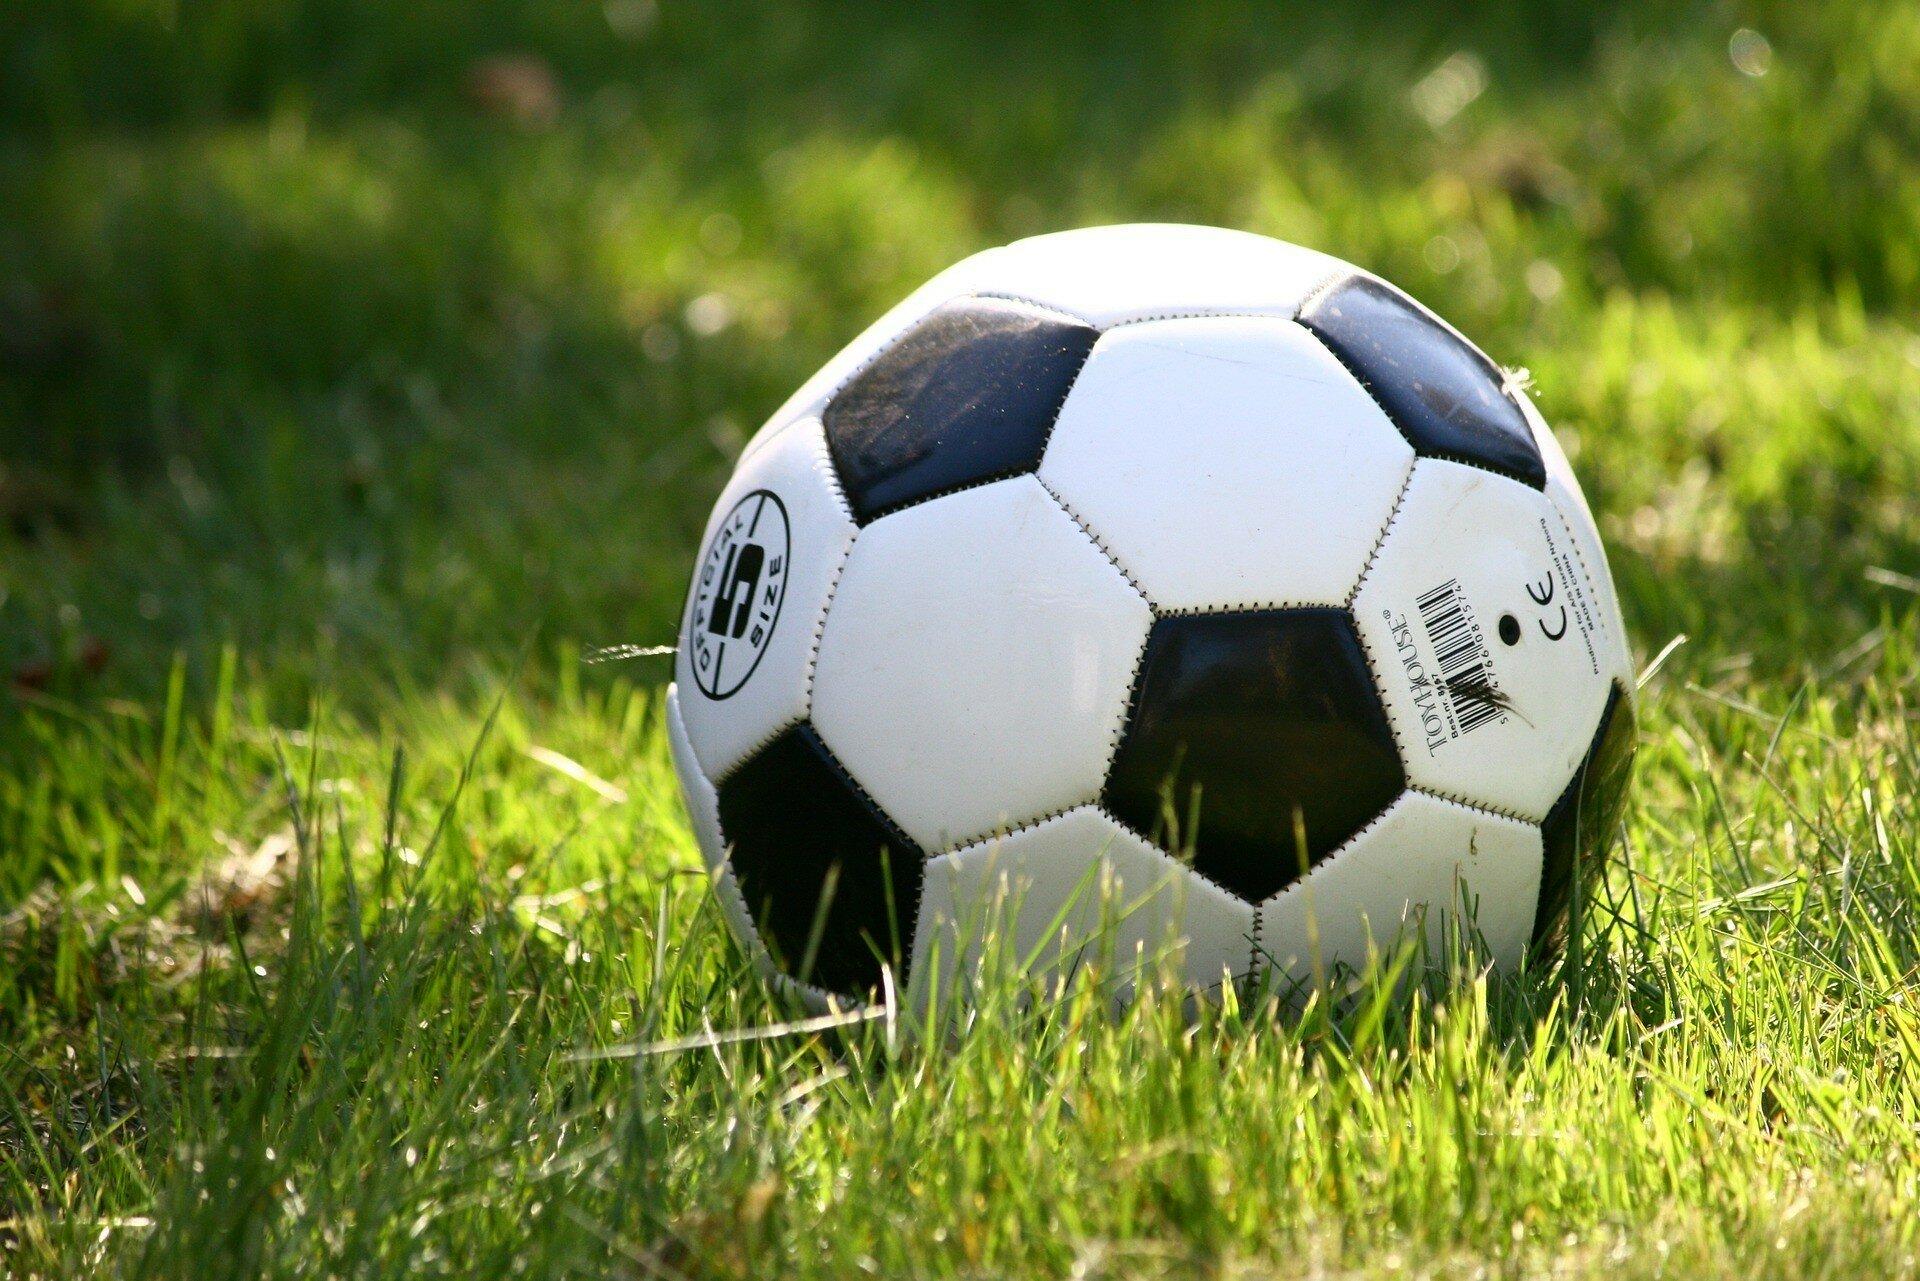 Украинский футболист забил фантастический гол с 40 метров